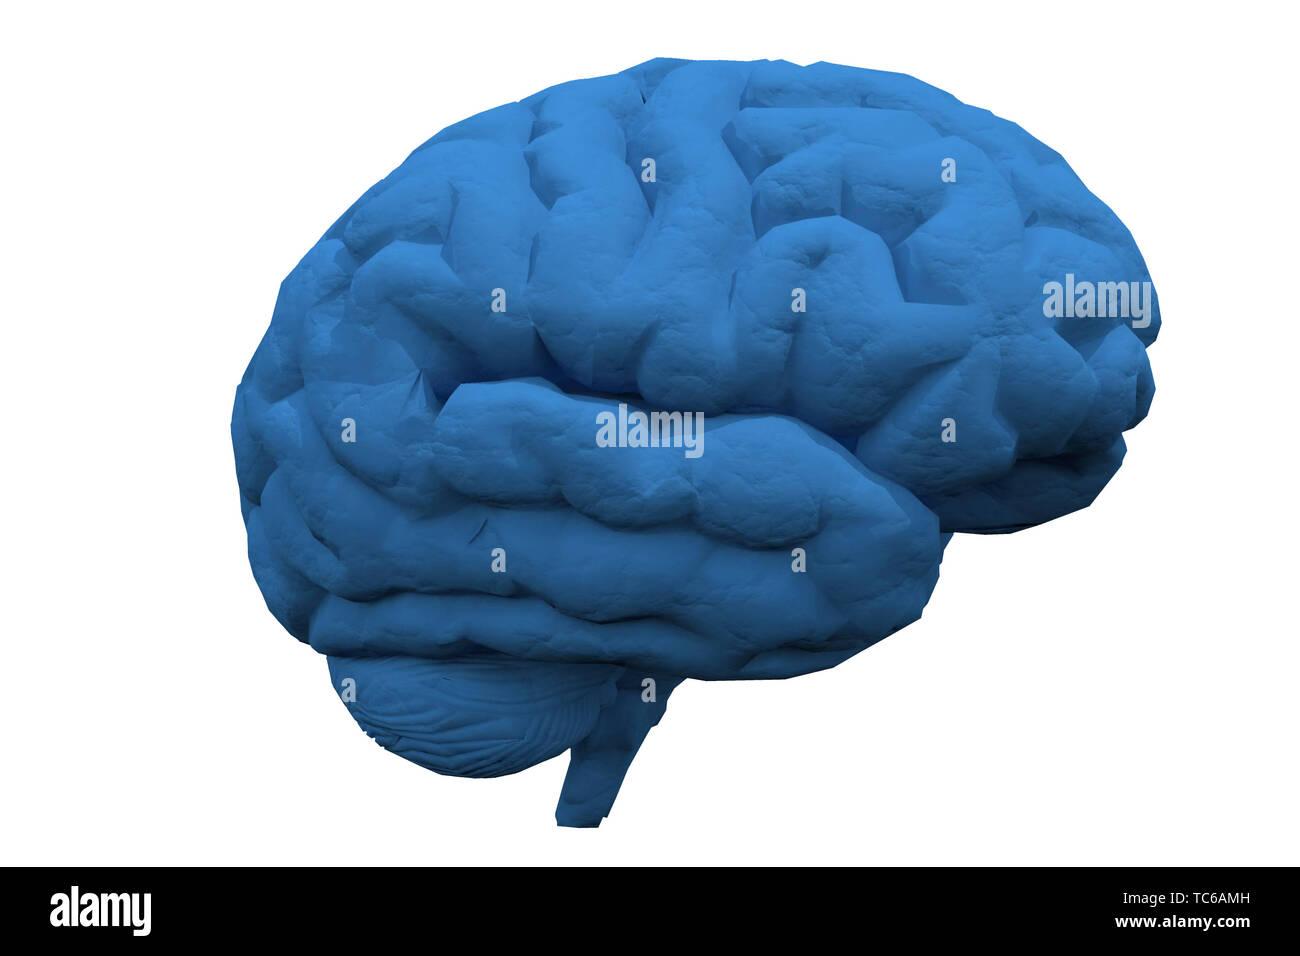 Human Brain 3d Stock Photos & Human Brain 3d Stock Images